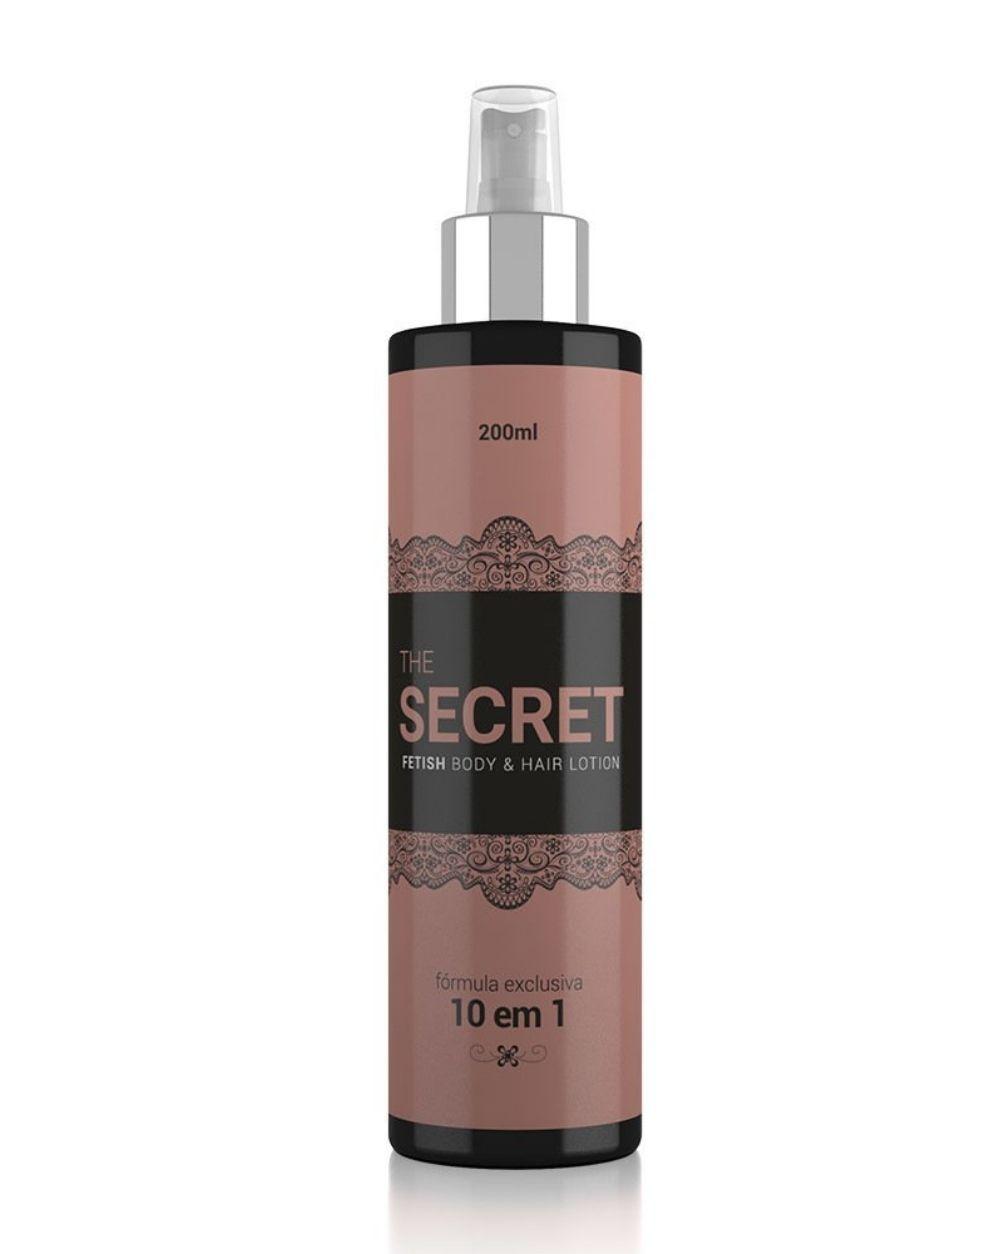 THE SECRET (AS220)